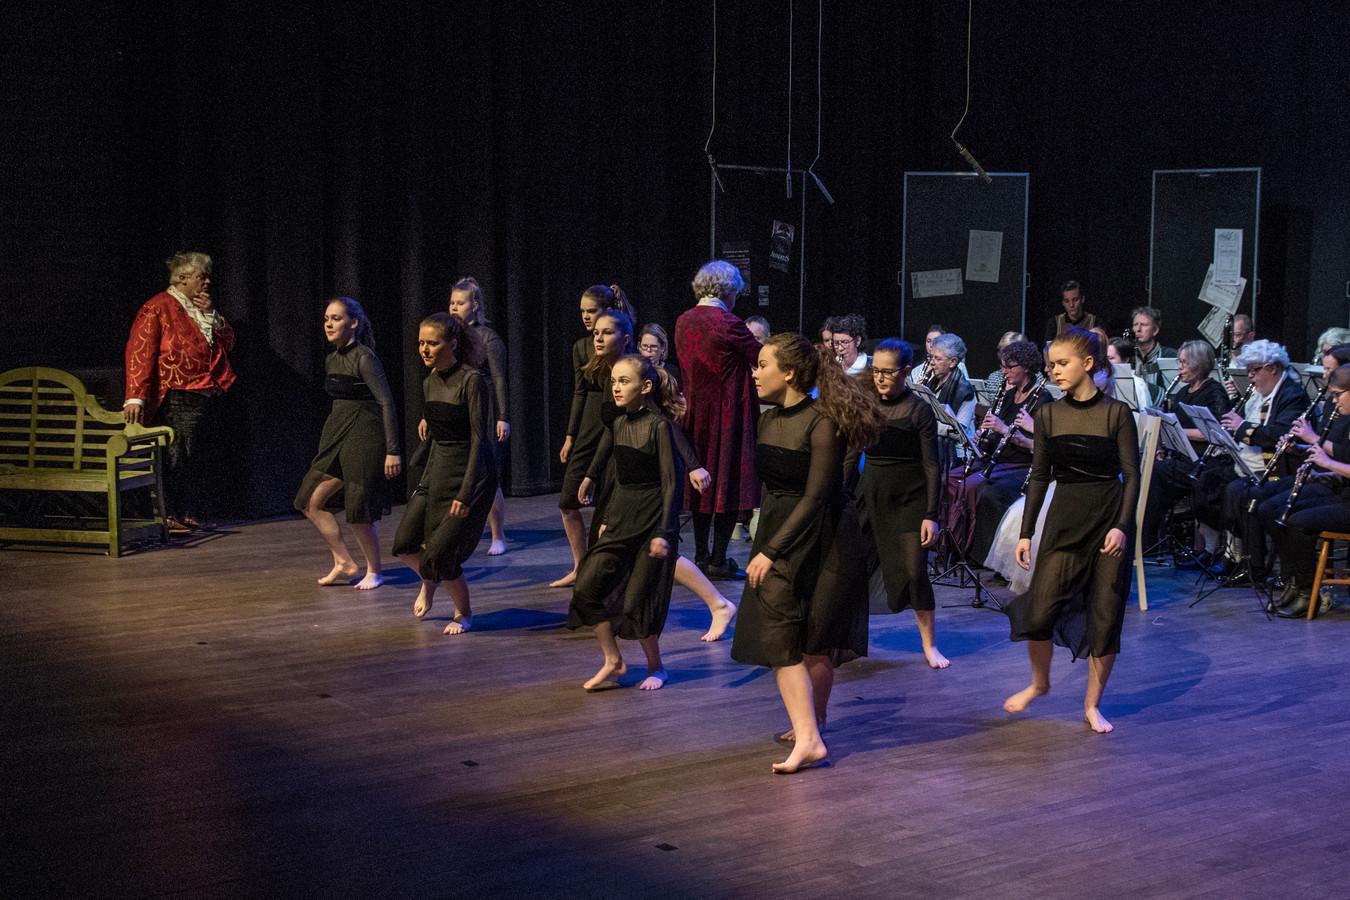 De eerste Beekse Opera in Elckerlyc nu drie jaar geleden.